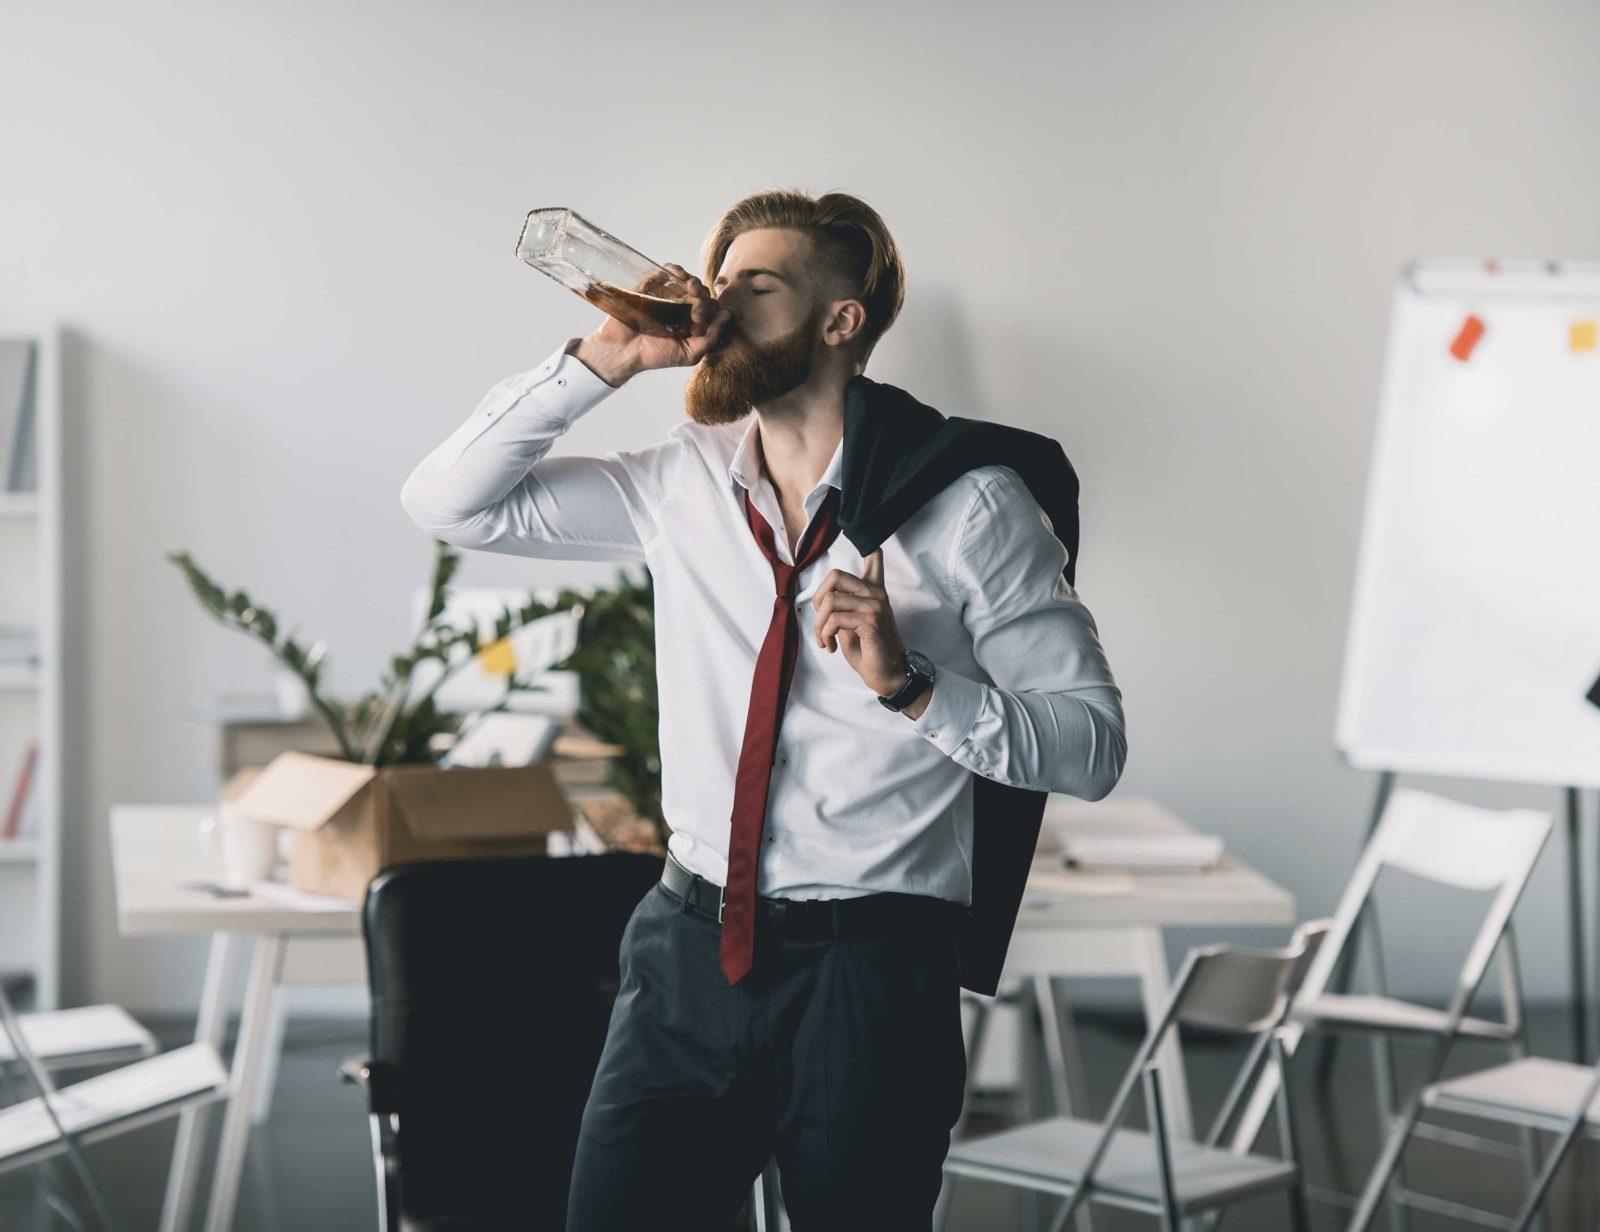 Пьяный на работе